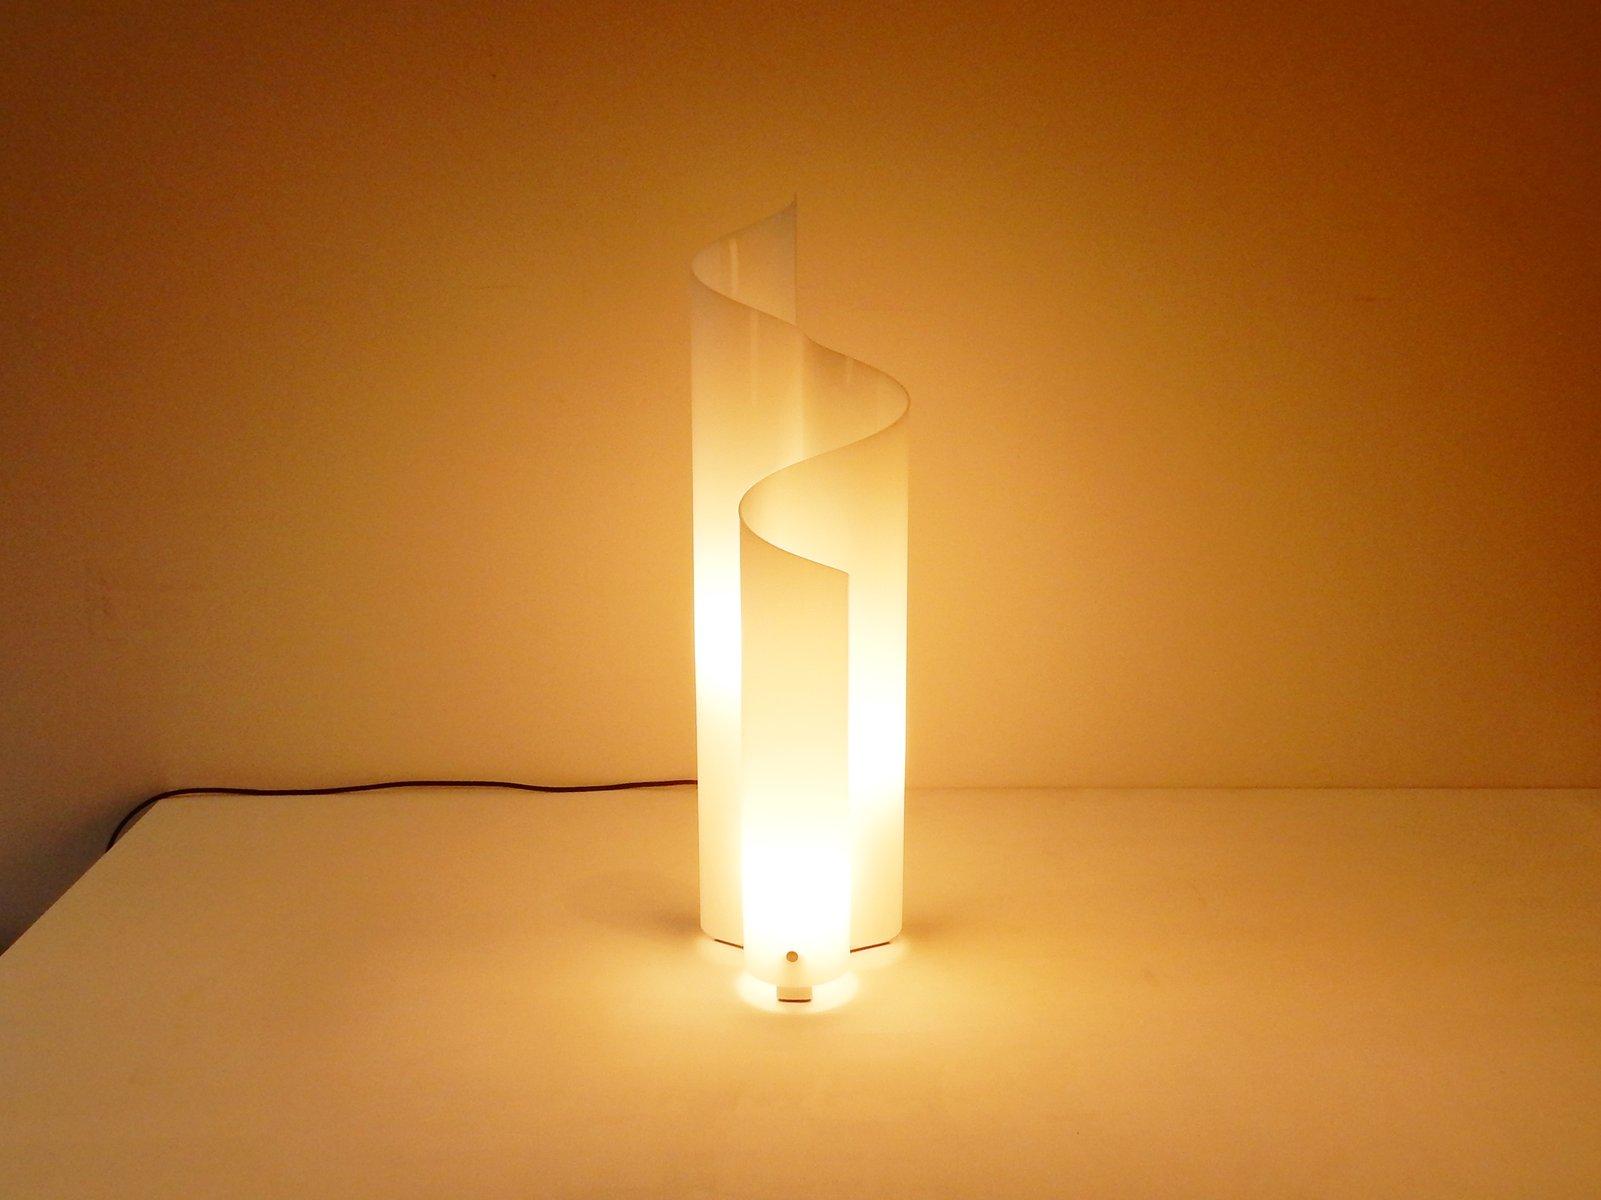 Lampada da tavolo di vico magistretti per artemide with lampada da tavolo artemide - Lampada da tavolo vico magistretti ...